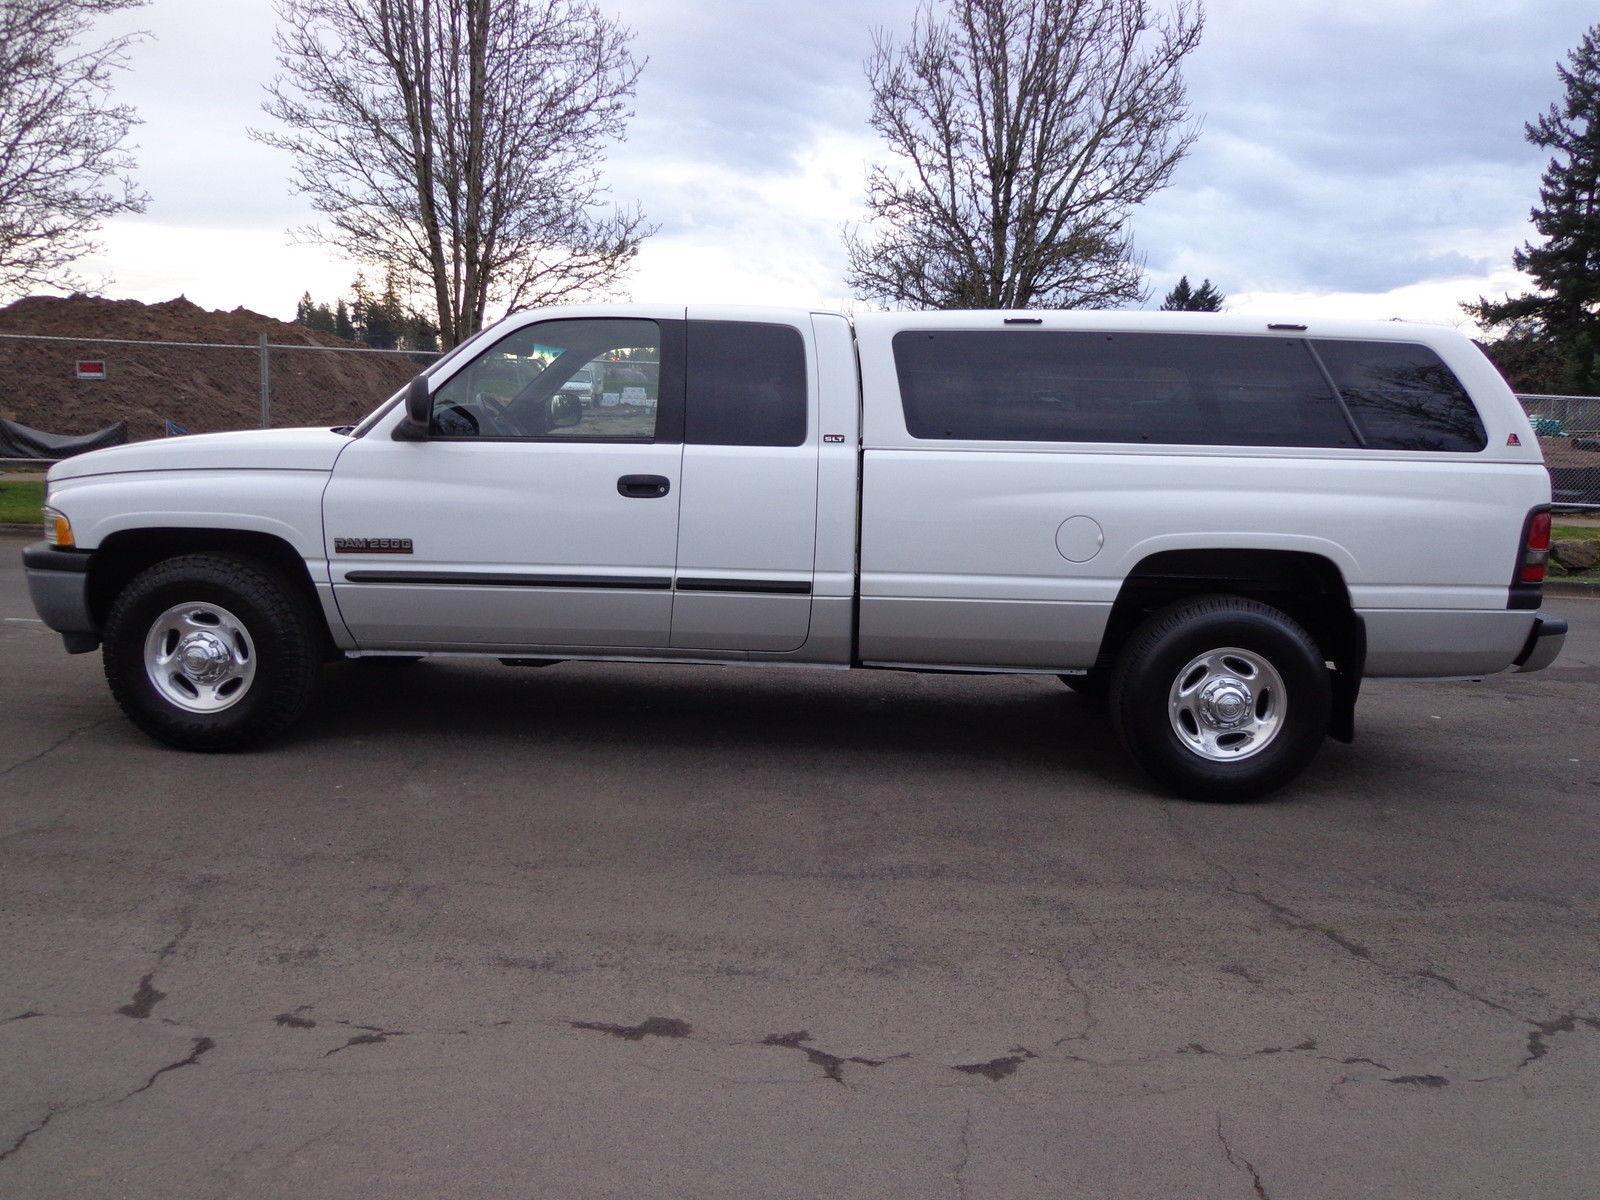 2001 dodge ram 2500 base extended cab pickup 5 9l for sale. Black Bedroom Furniture Sets. Home Design Ideas